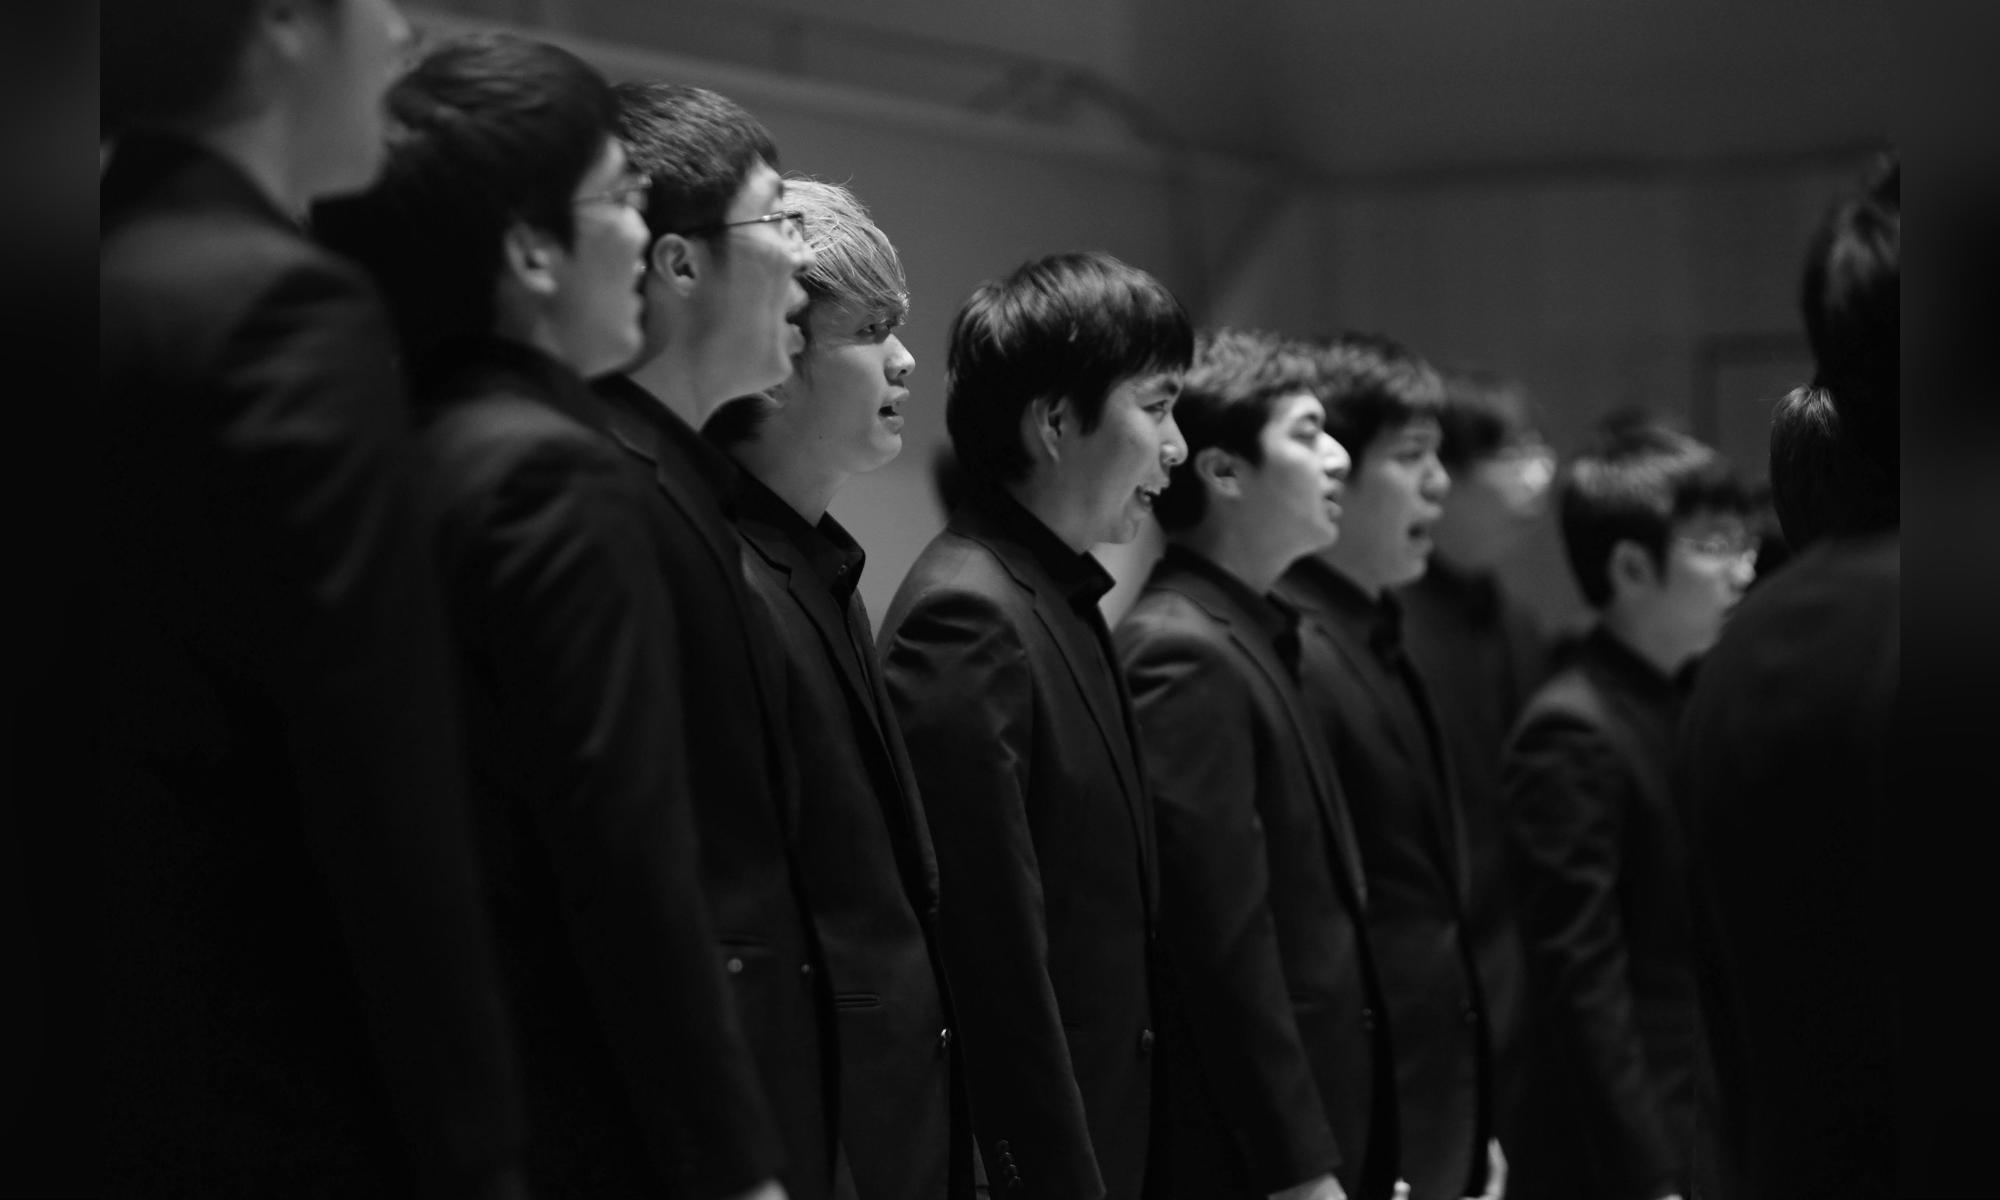 インターカレッジ男声合唱団Voces Veritas 公式サイト